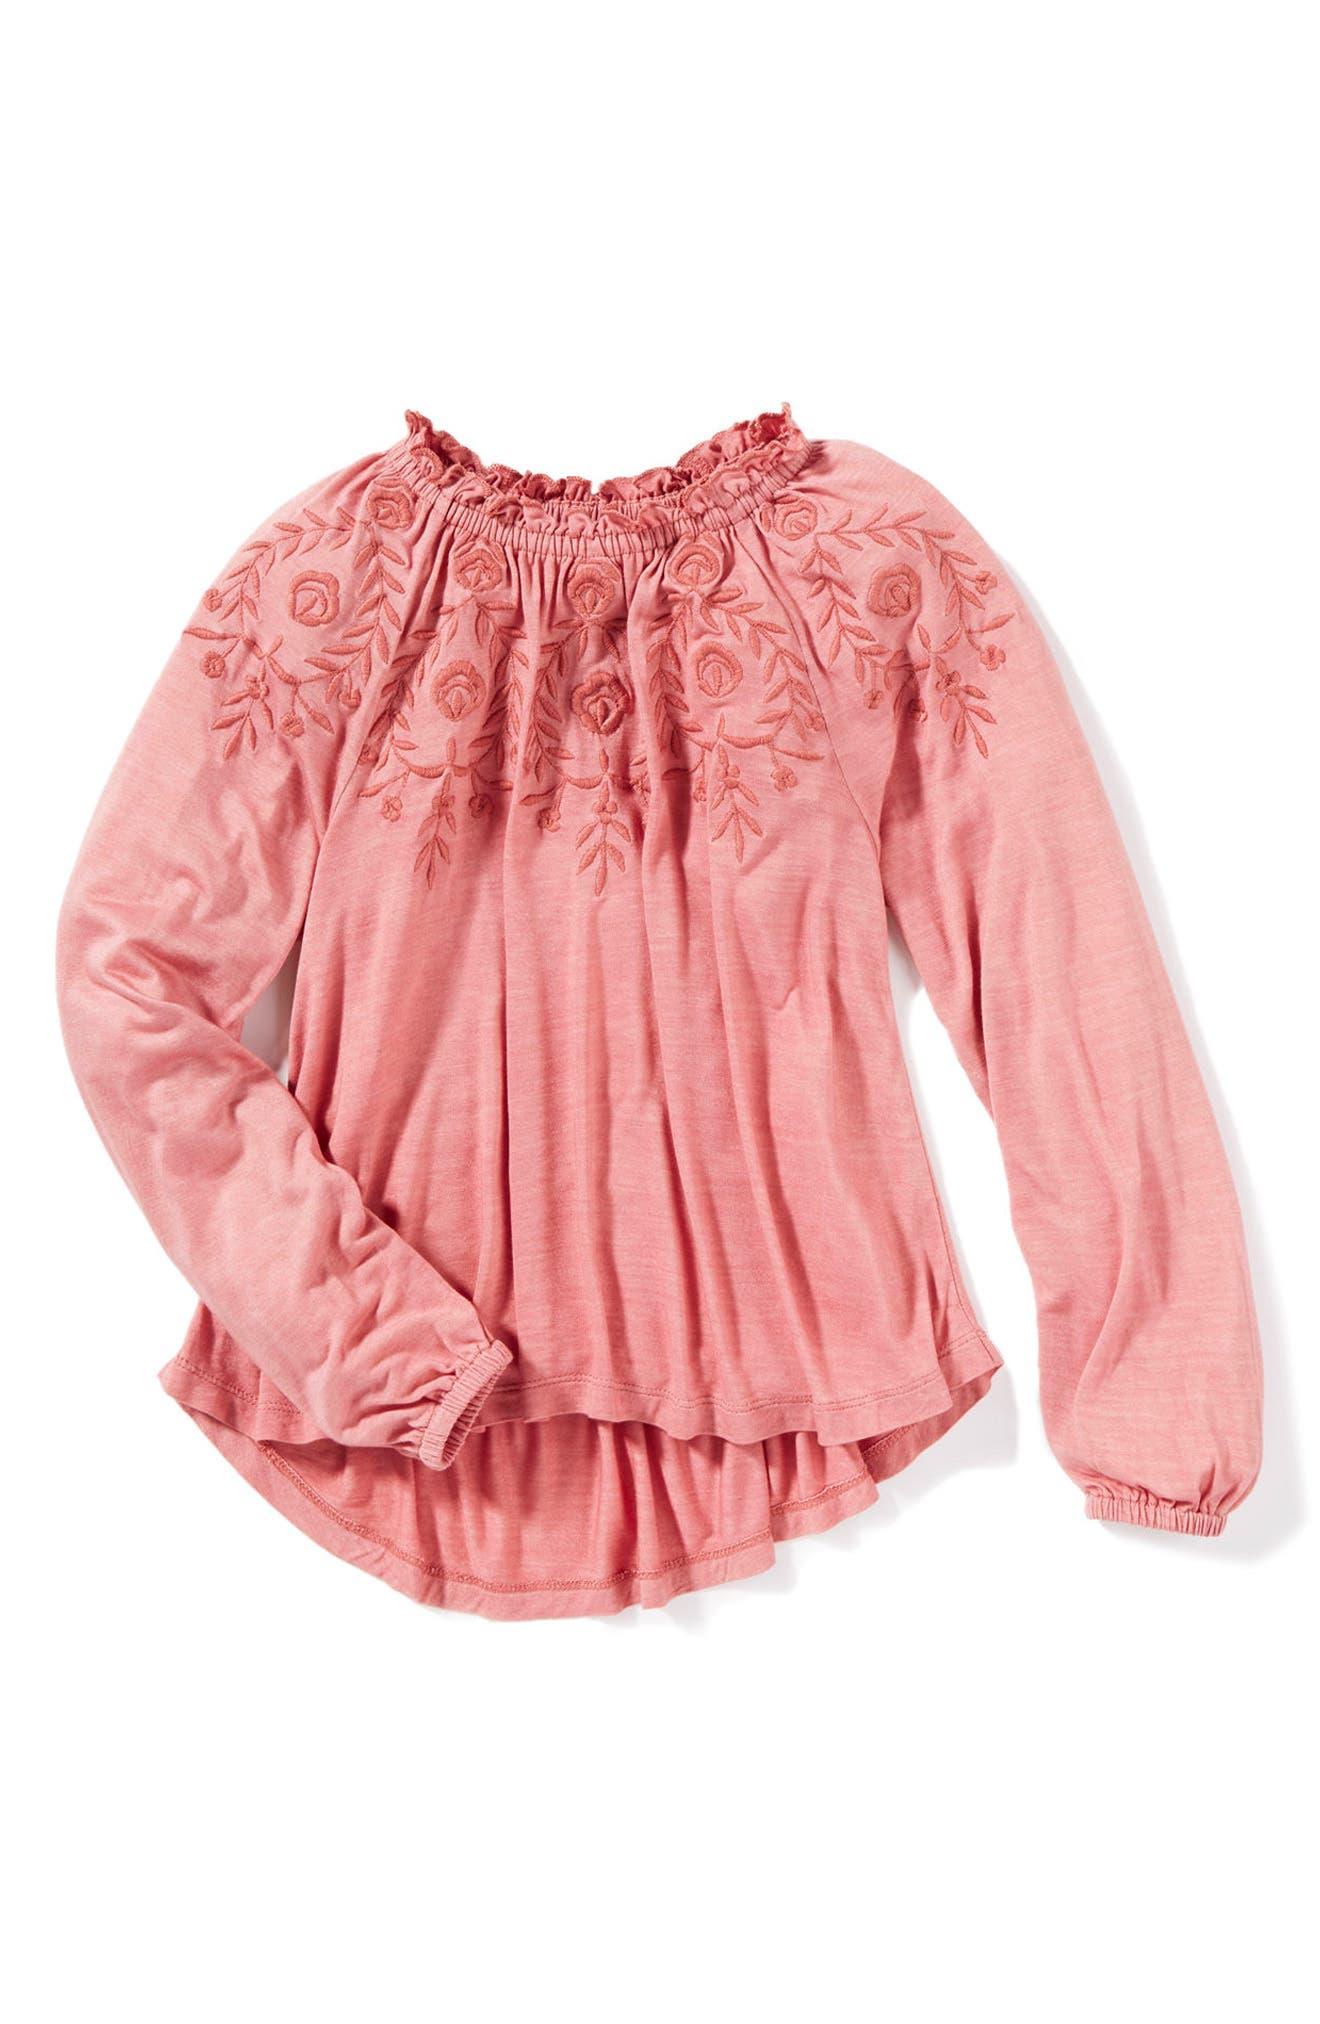 Main Image - Peek May Embroidered Top (Toddler Girls, Little Girls & Big Girls)